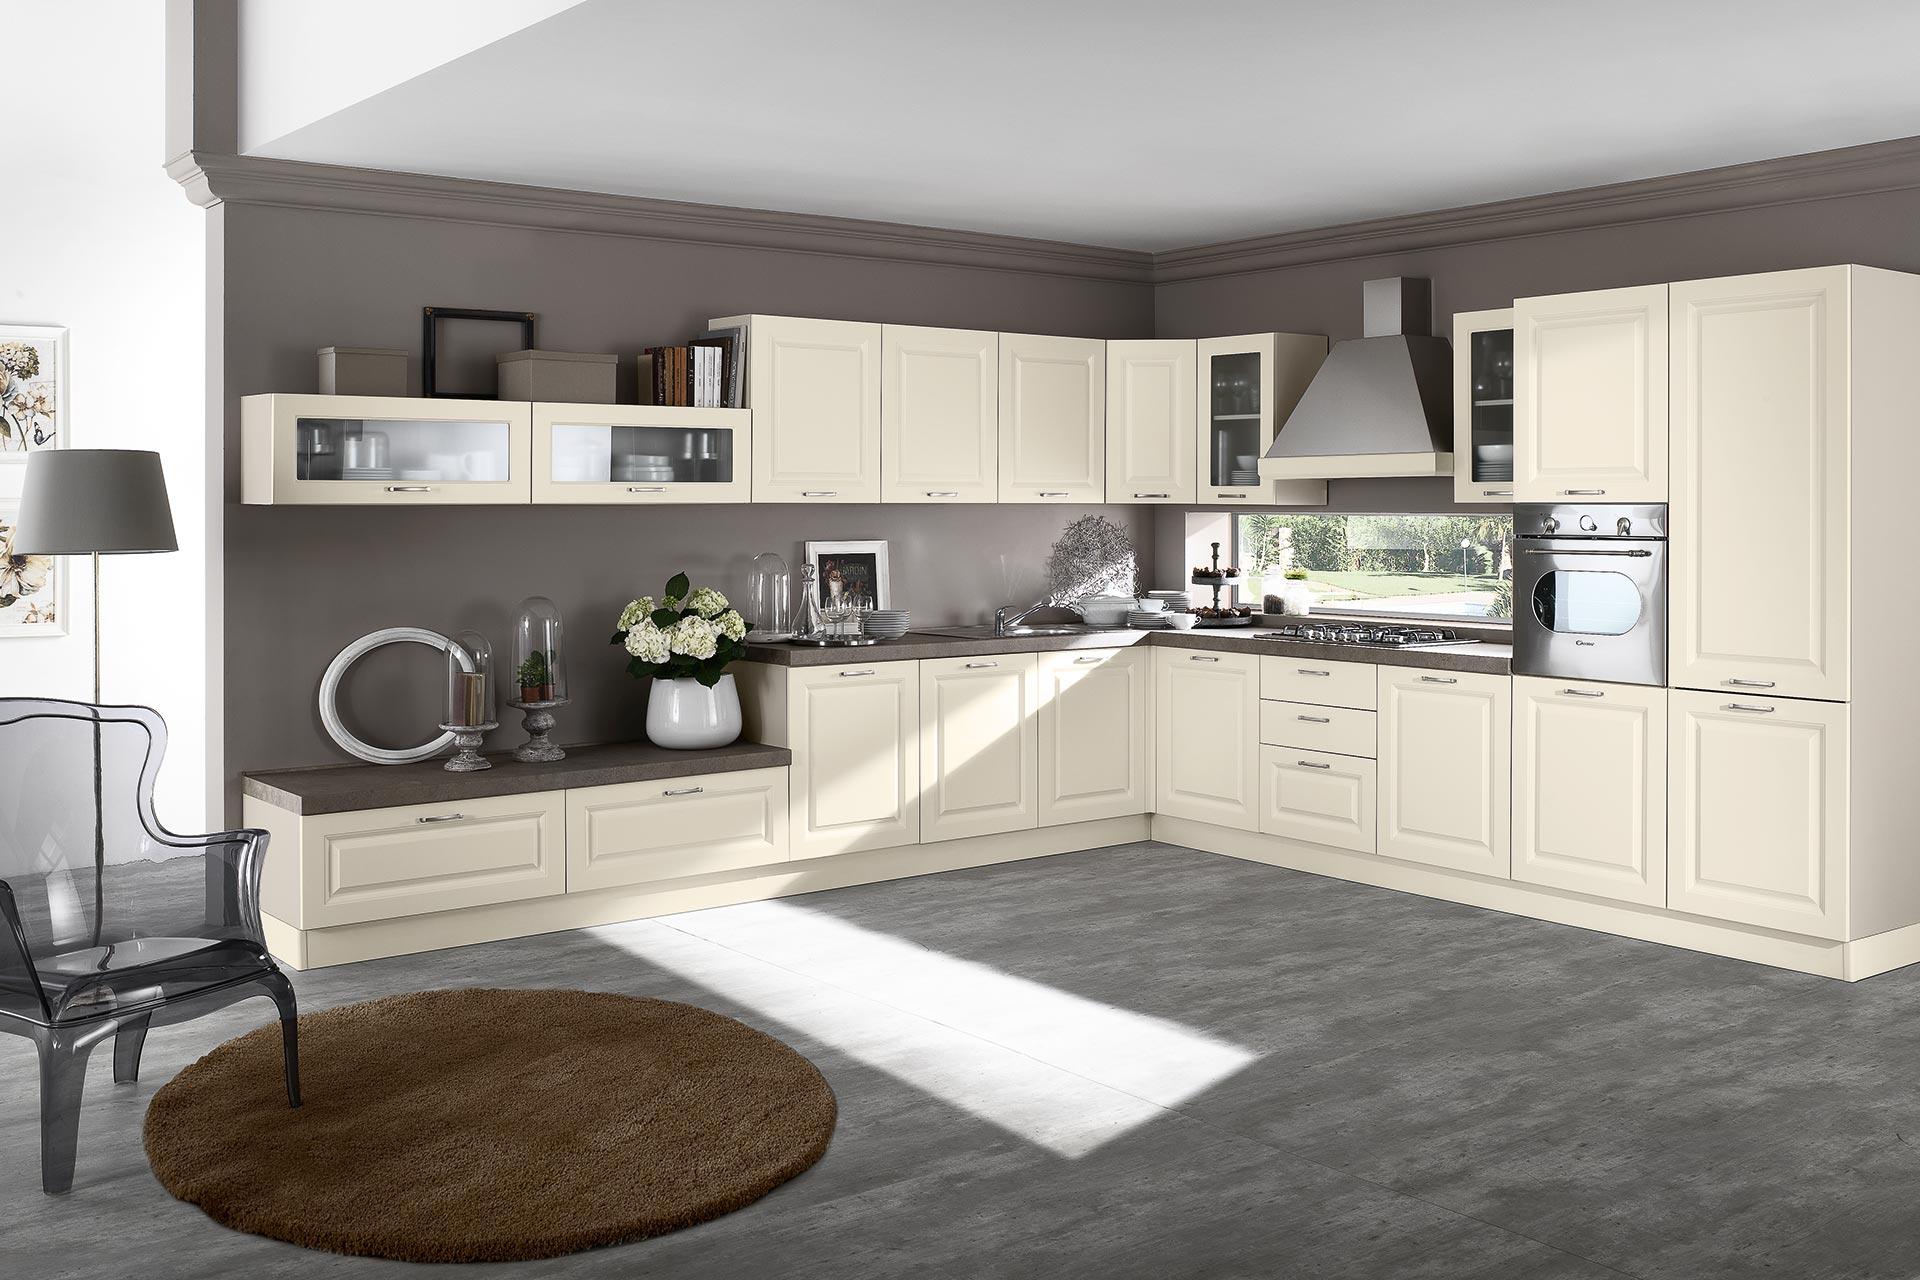 Cucina classica Anita, le essenze classiche del legno - NETCUCINE